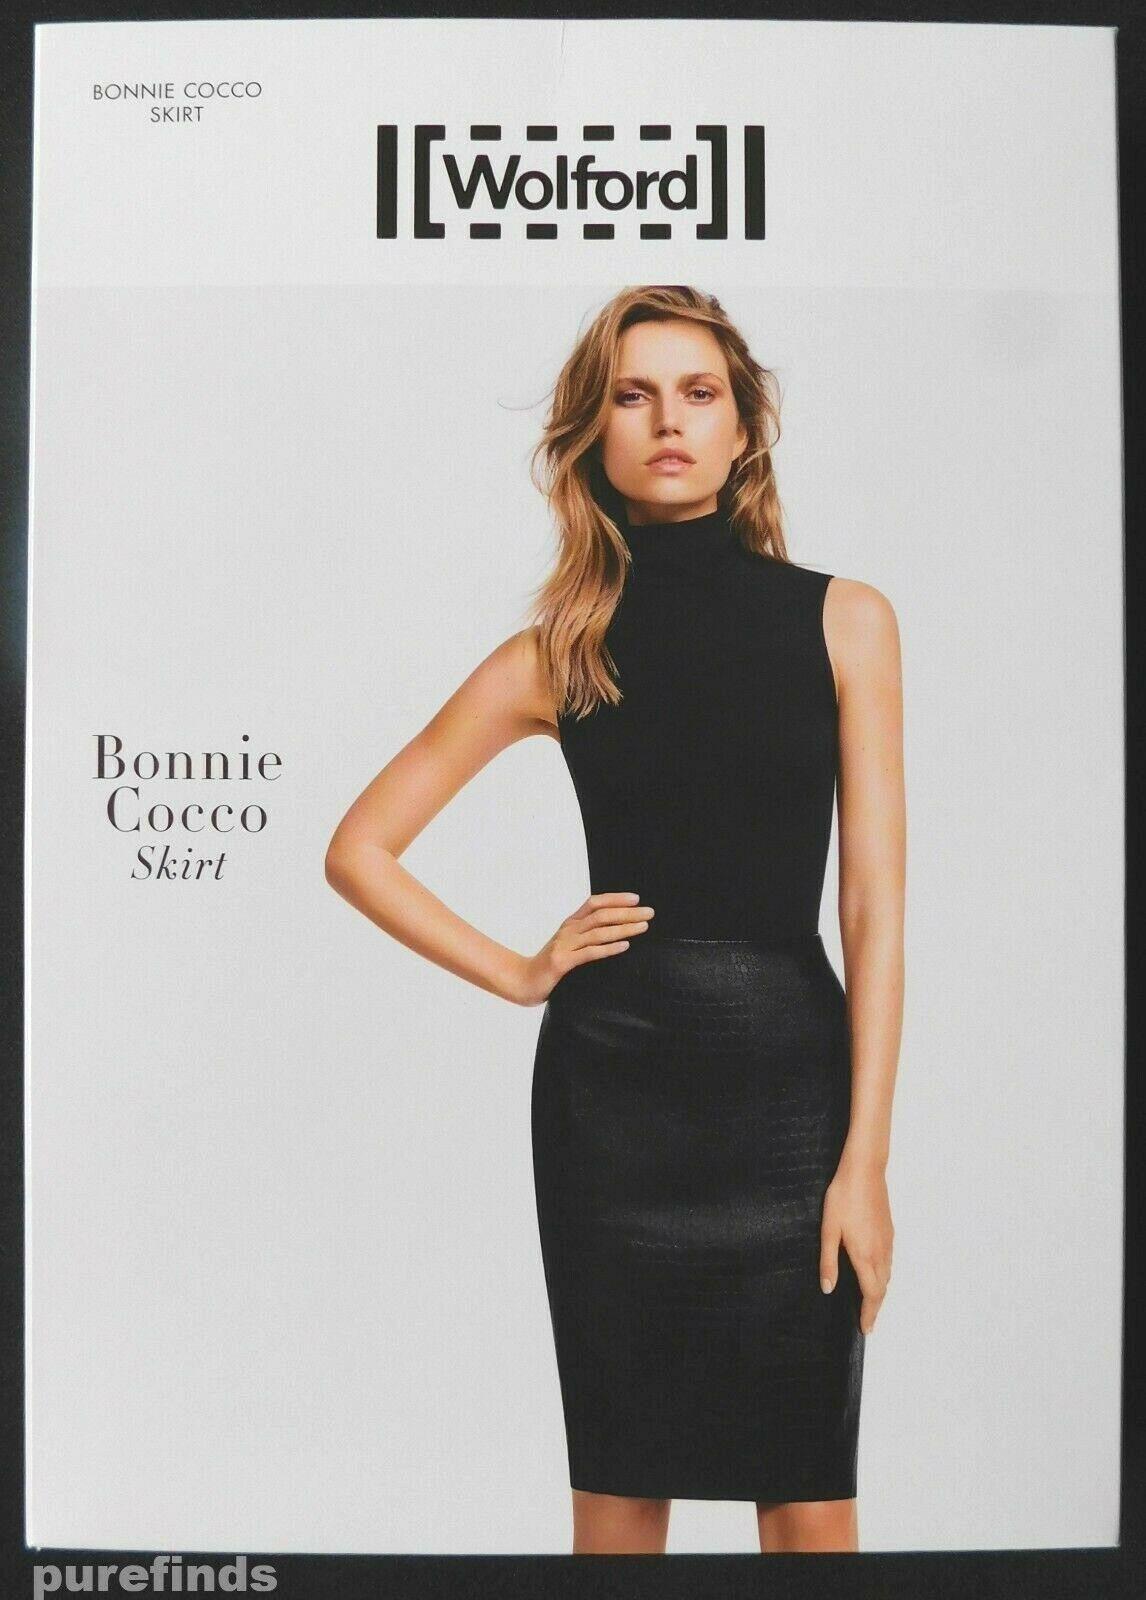 Wolford BONNIE Cocco Falda, imitación  de cuero, talla 36, 8, EE. UU. 6, Nuevo En Caja  respuestas rápidas